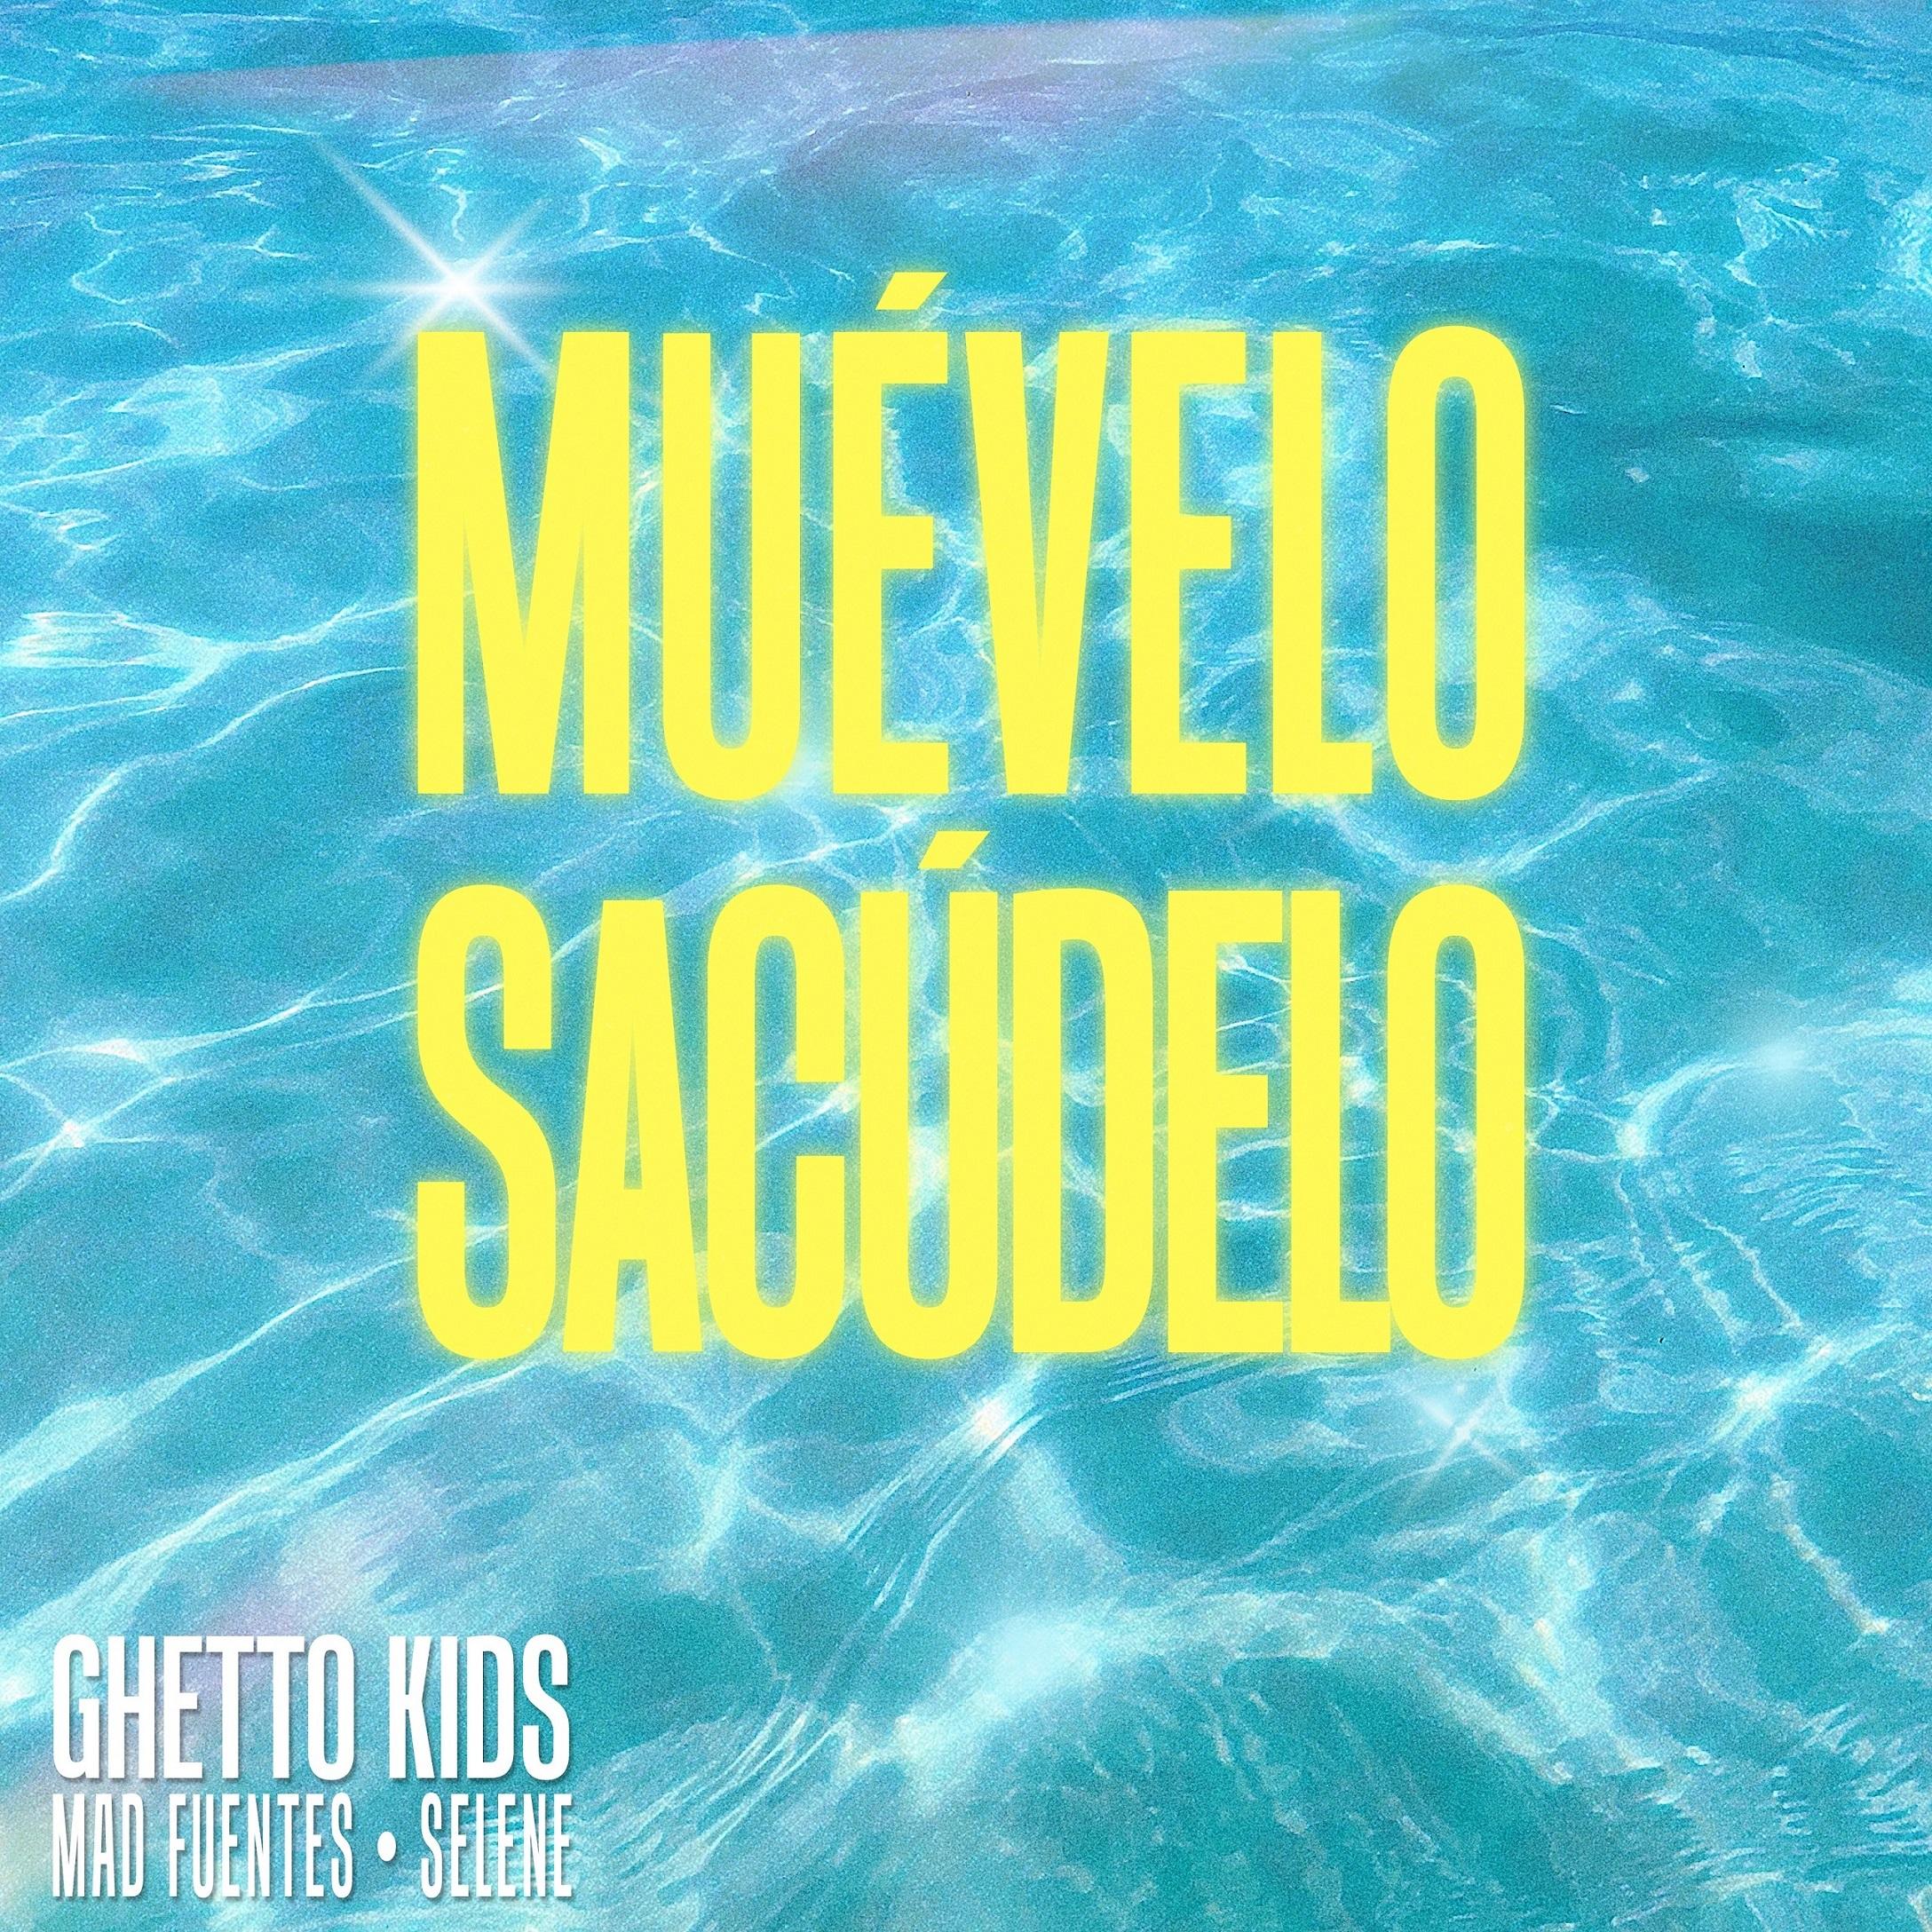 """Entrevista a Ghetto Kids, quienes promueven su nuevo sencillo """"Muévelo, sacúdelo"""" en colaboración con Mad Fuentes y Selene"""